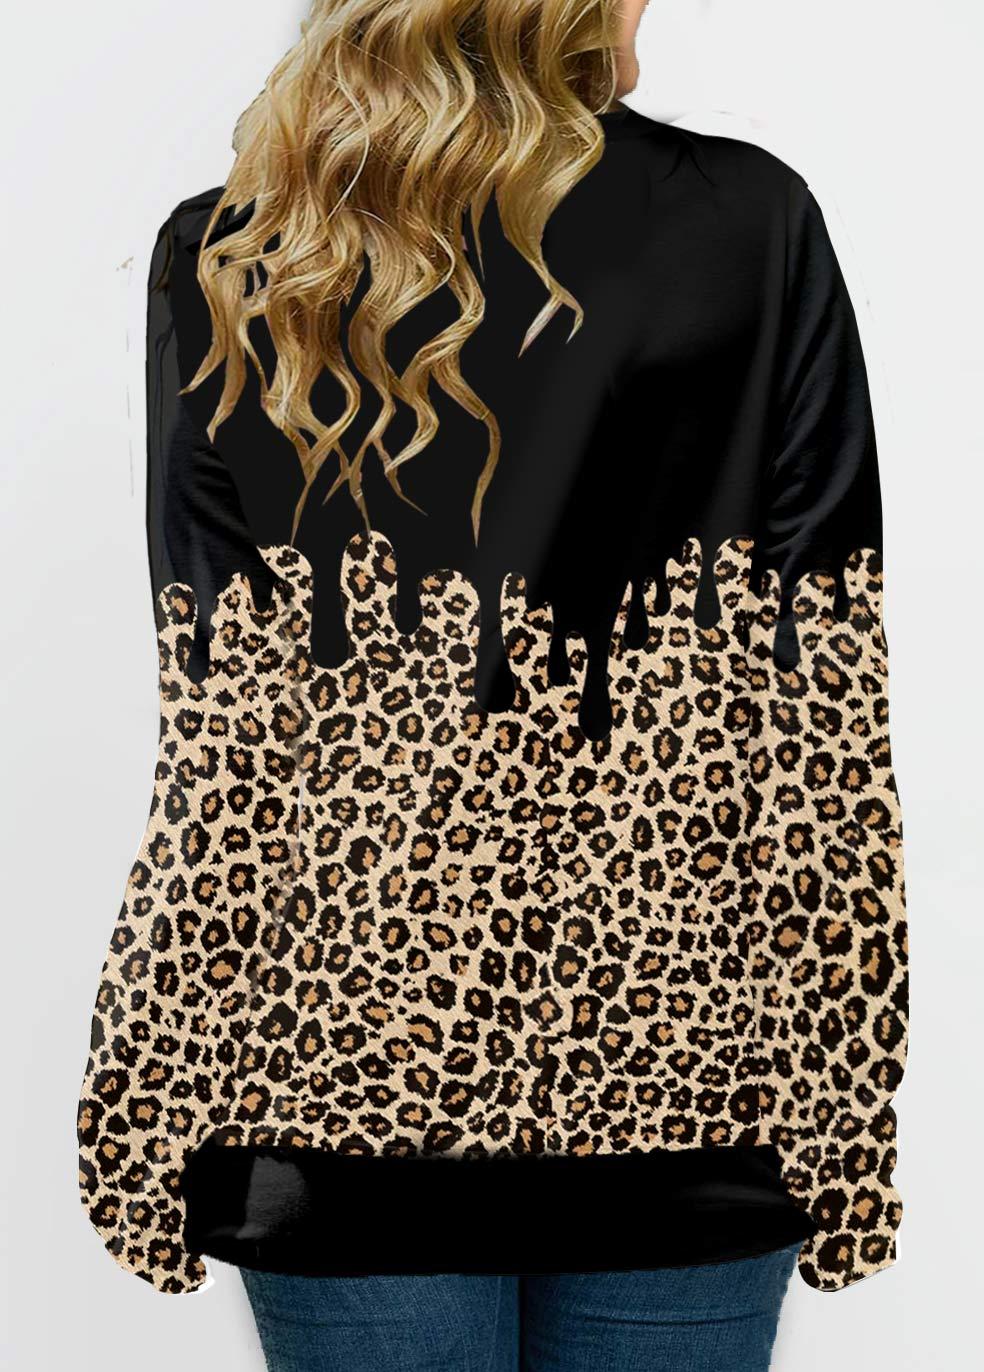 Leopard Plus Size Long Sleeve Sweatshirt